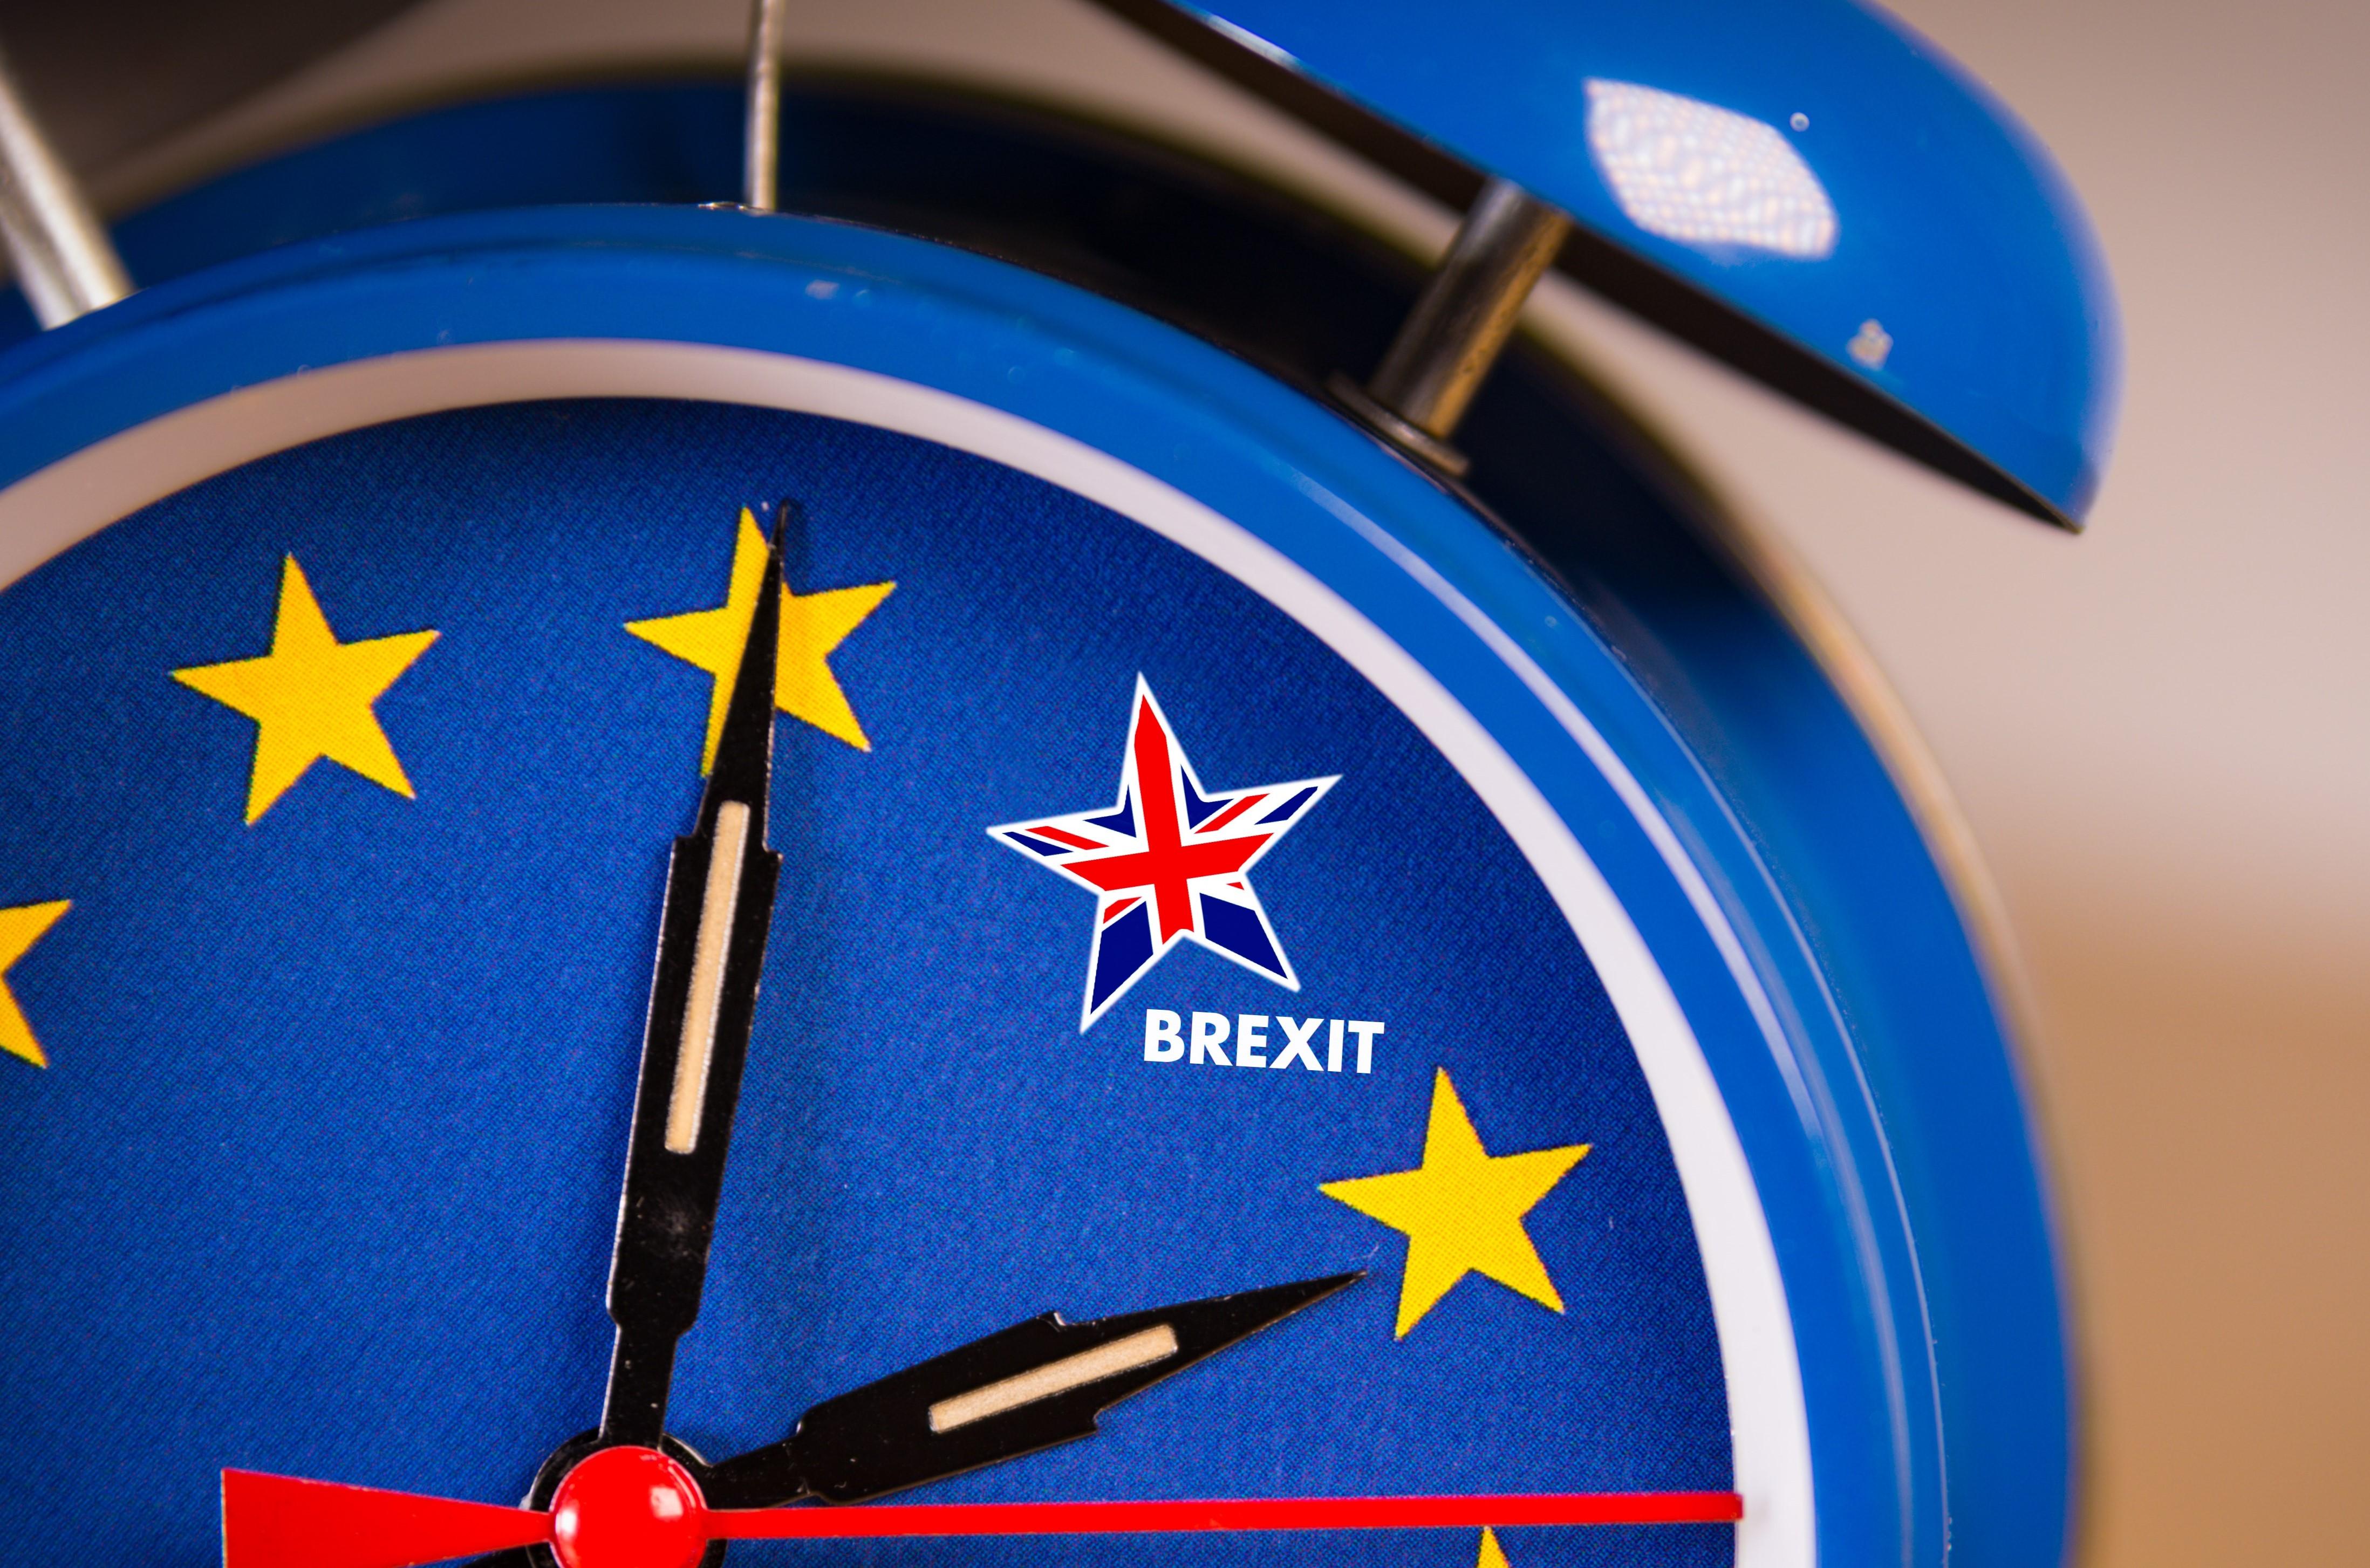 e tempo di un blockchain brexit - È tempo di un Blockchain Brexit?